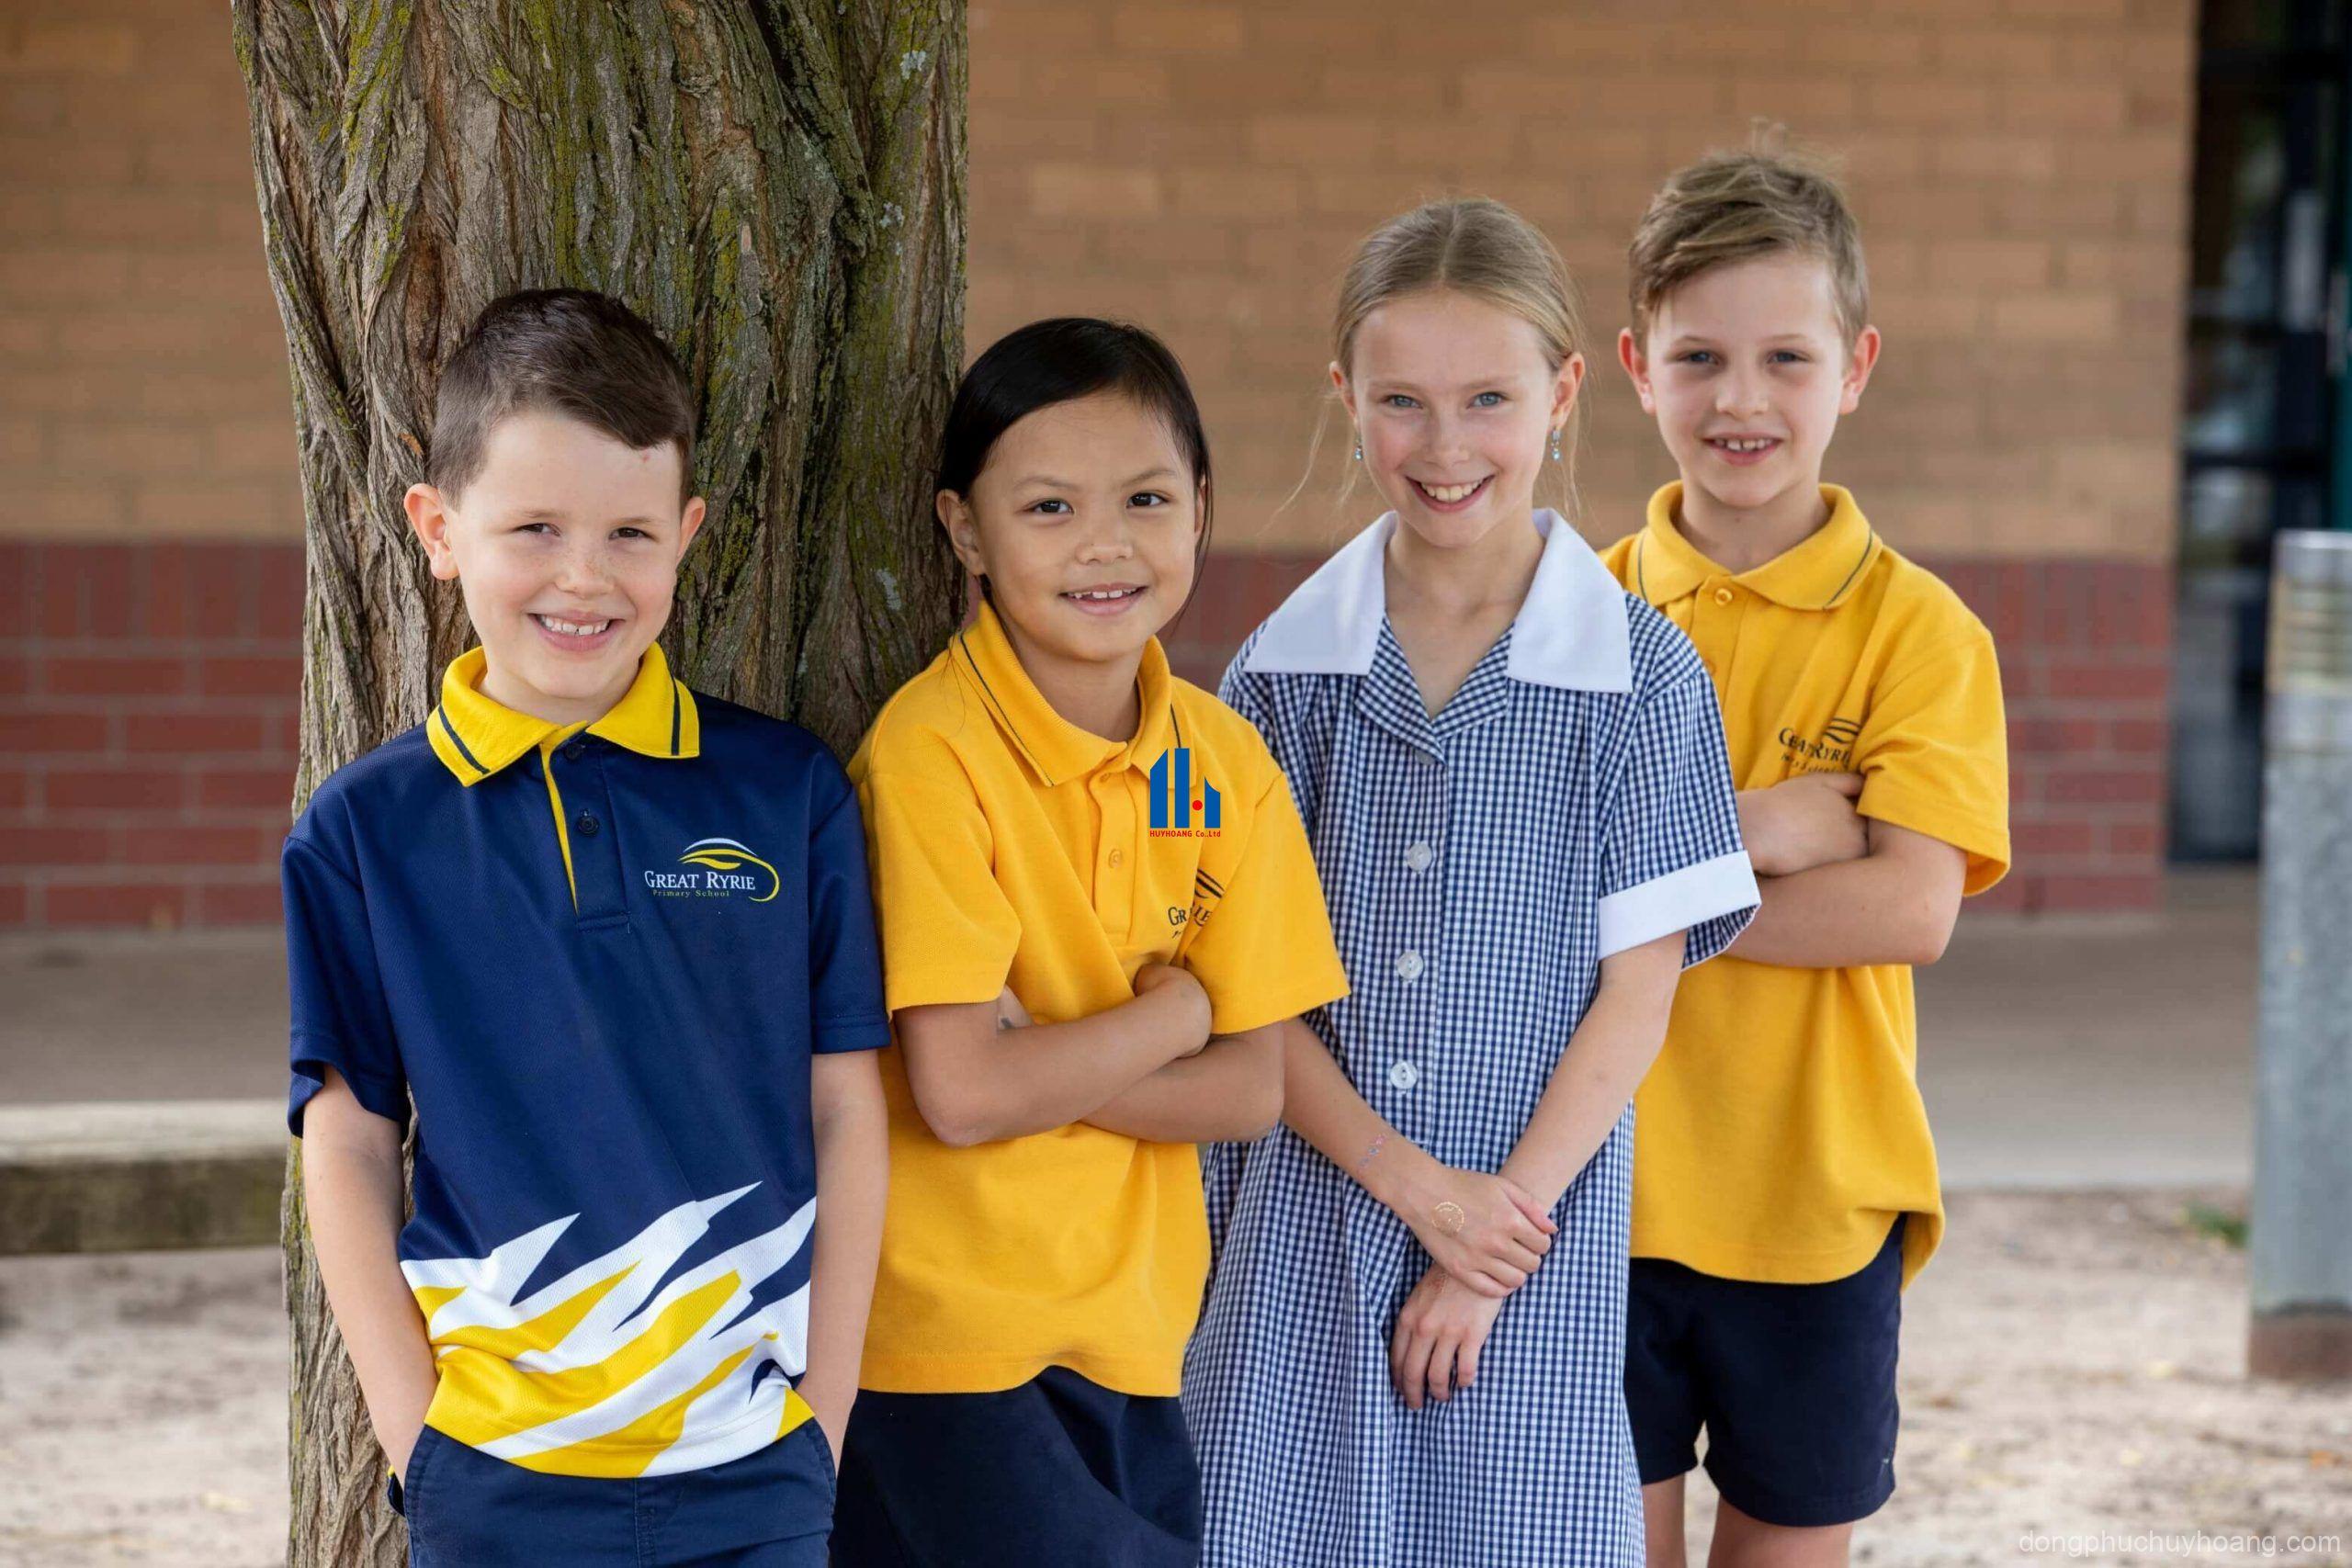 áo phông đồng phục lớp tiểu học